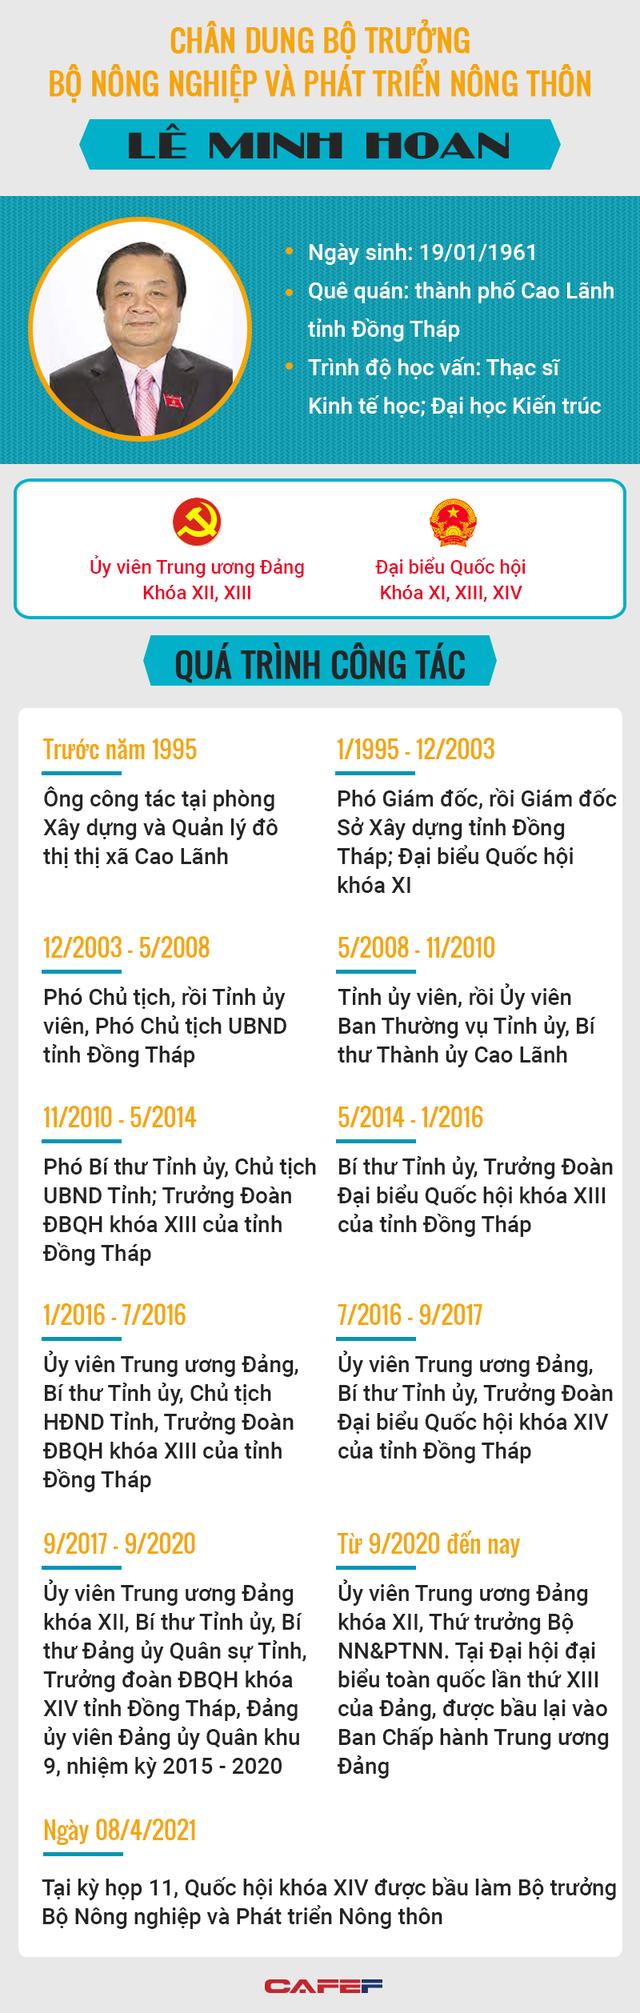 Chân dung ông Lê Minh Hoan tân Bộ trưởng Bộ NN&PTNT - Ảnh 1.